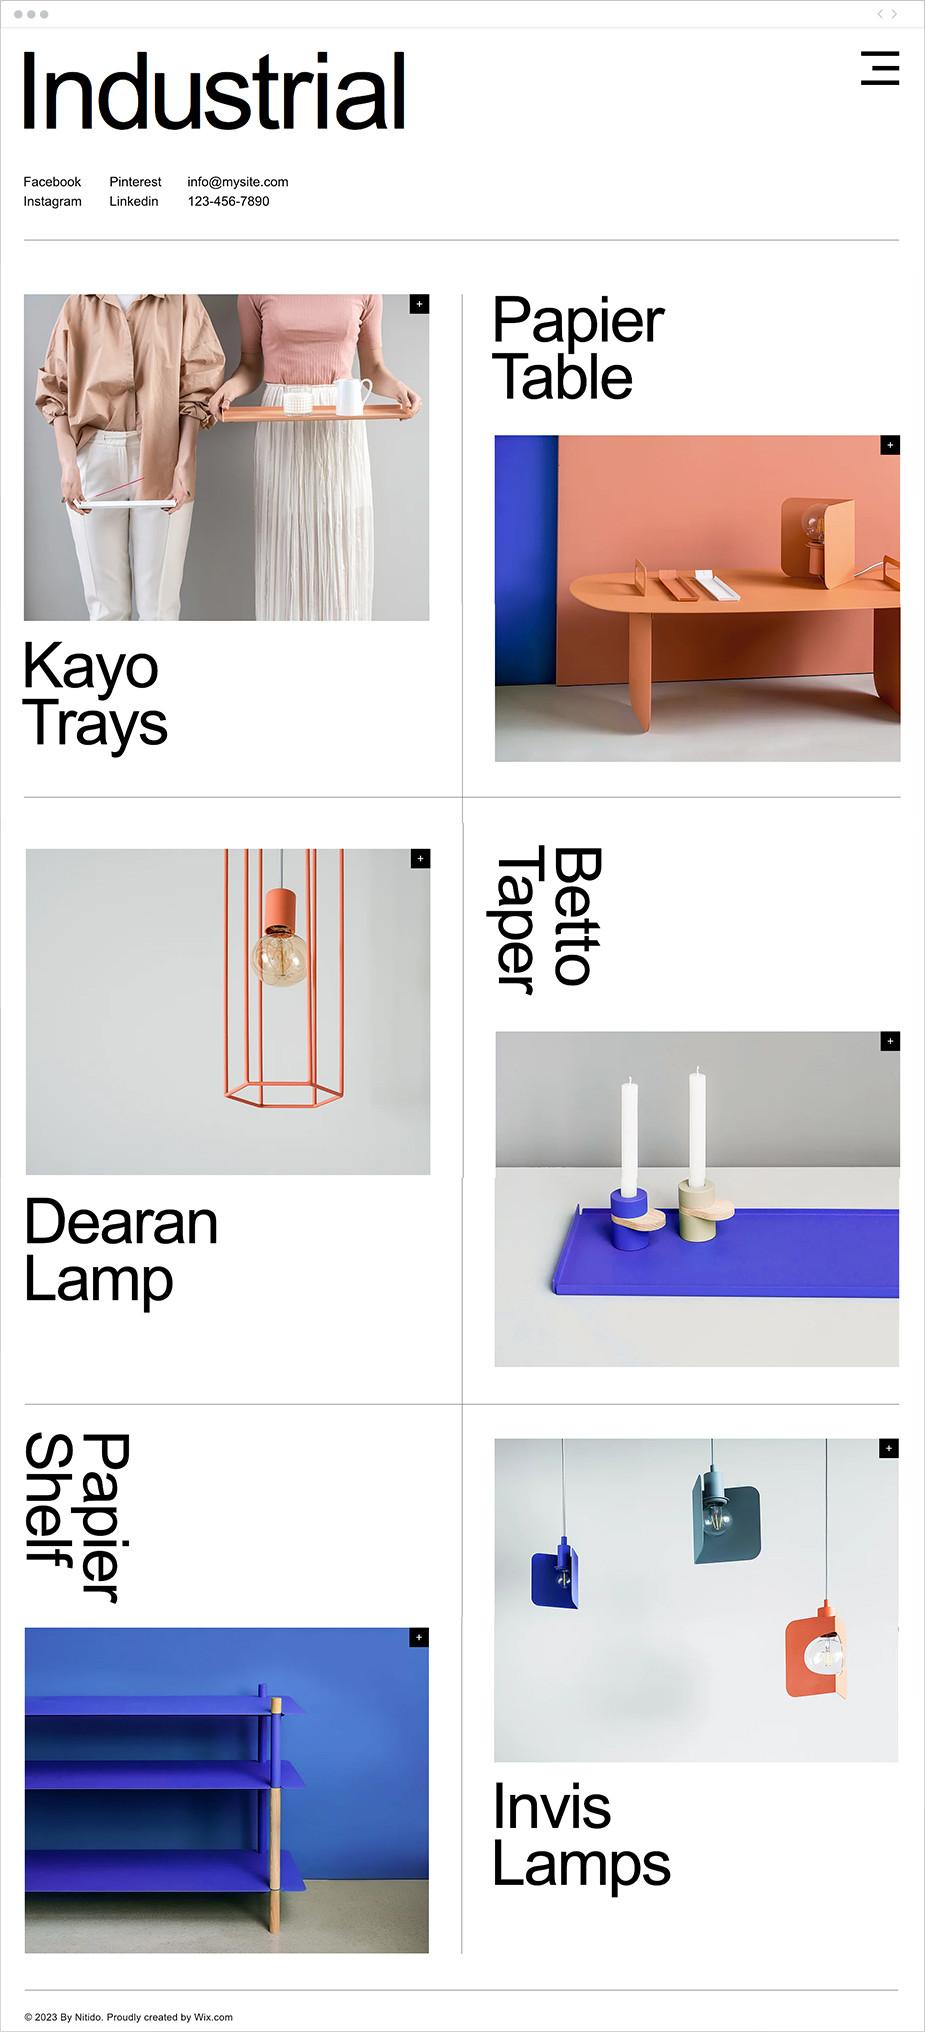 Template sito web per studio di design industriale